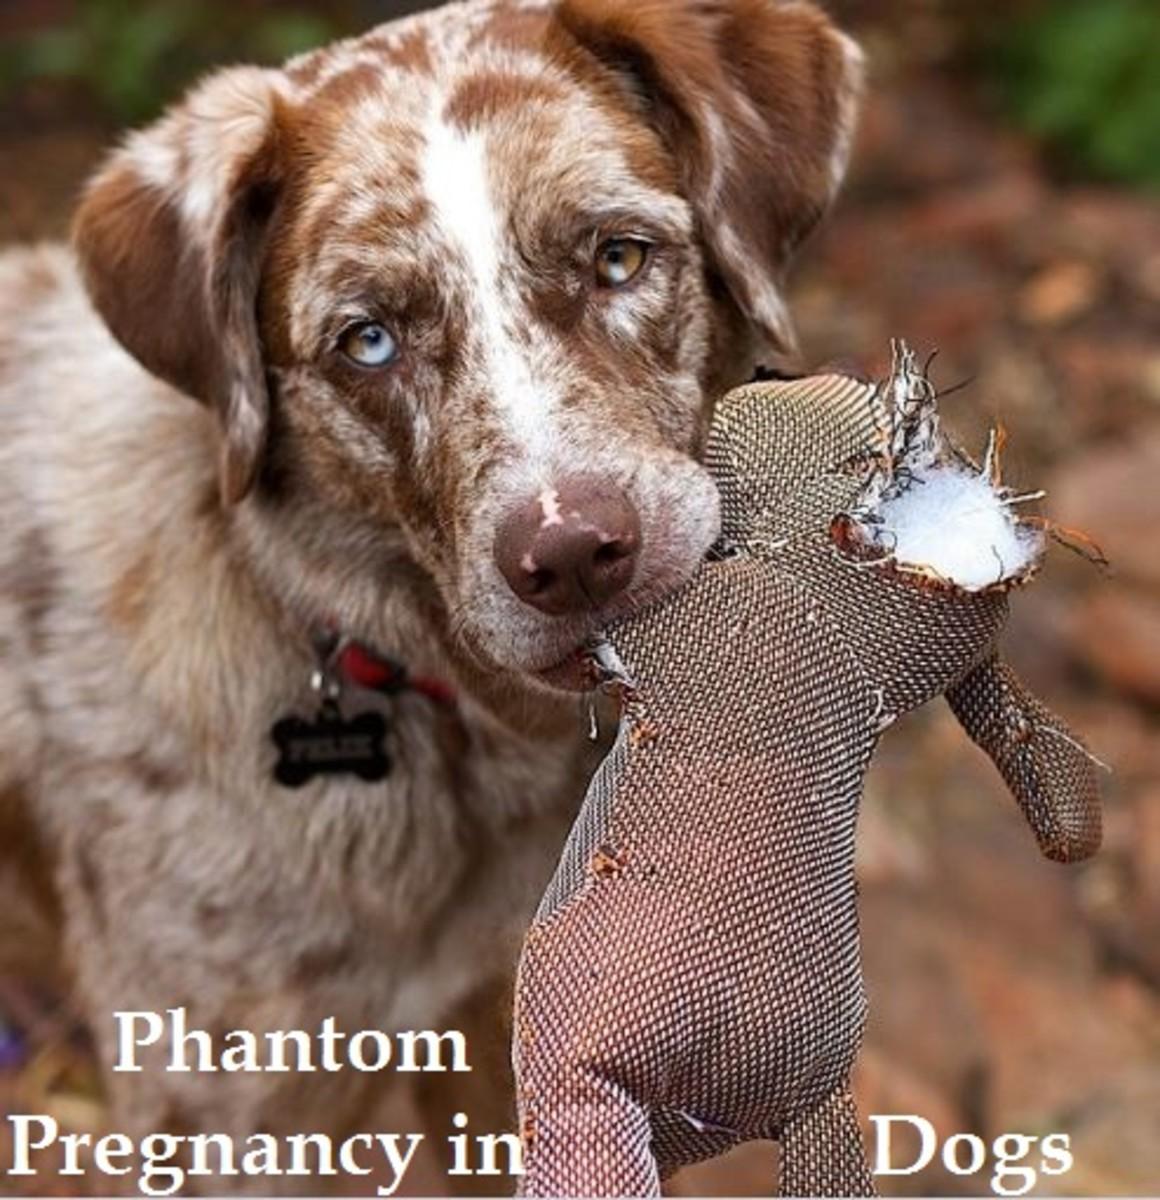 phantom pregnancy in dogs